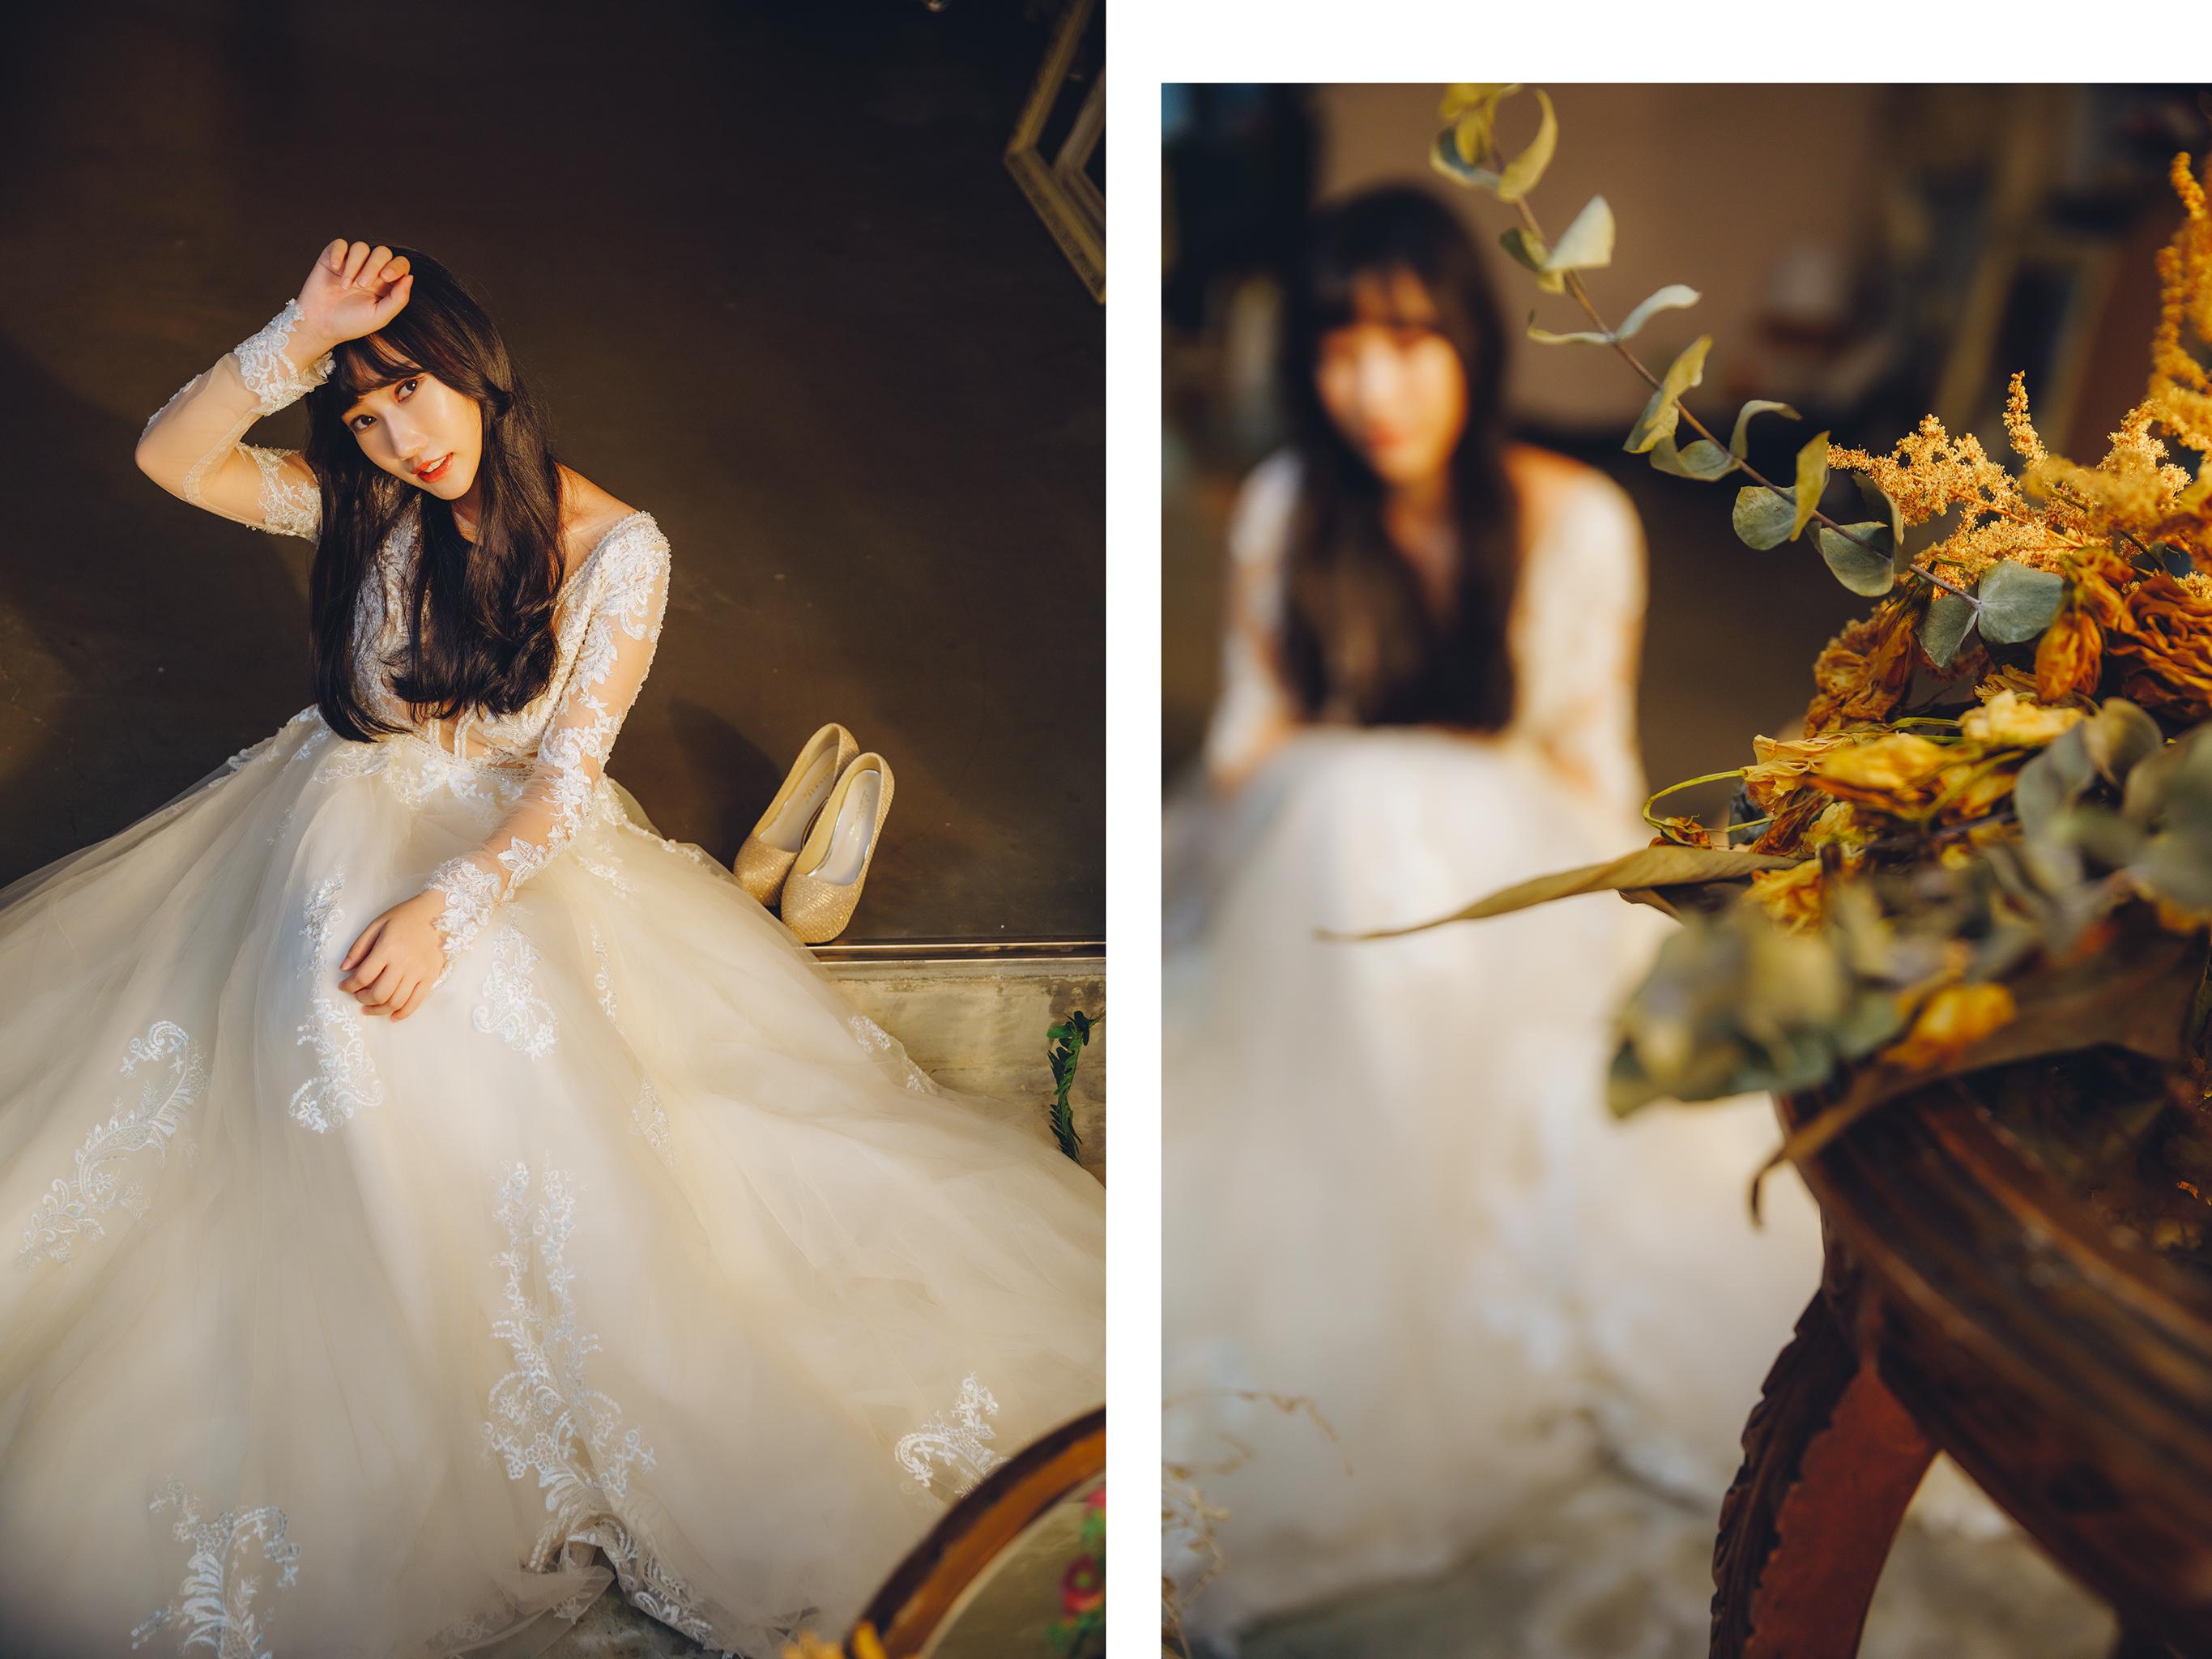 48837707458 61a91c9c9b o - 【自主婚紗】+Yoyo+